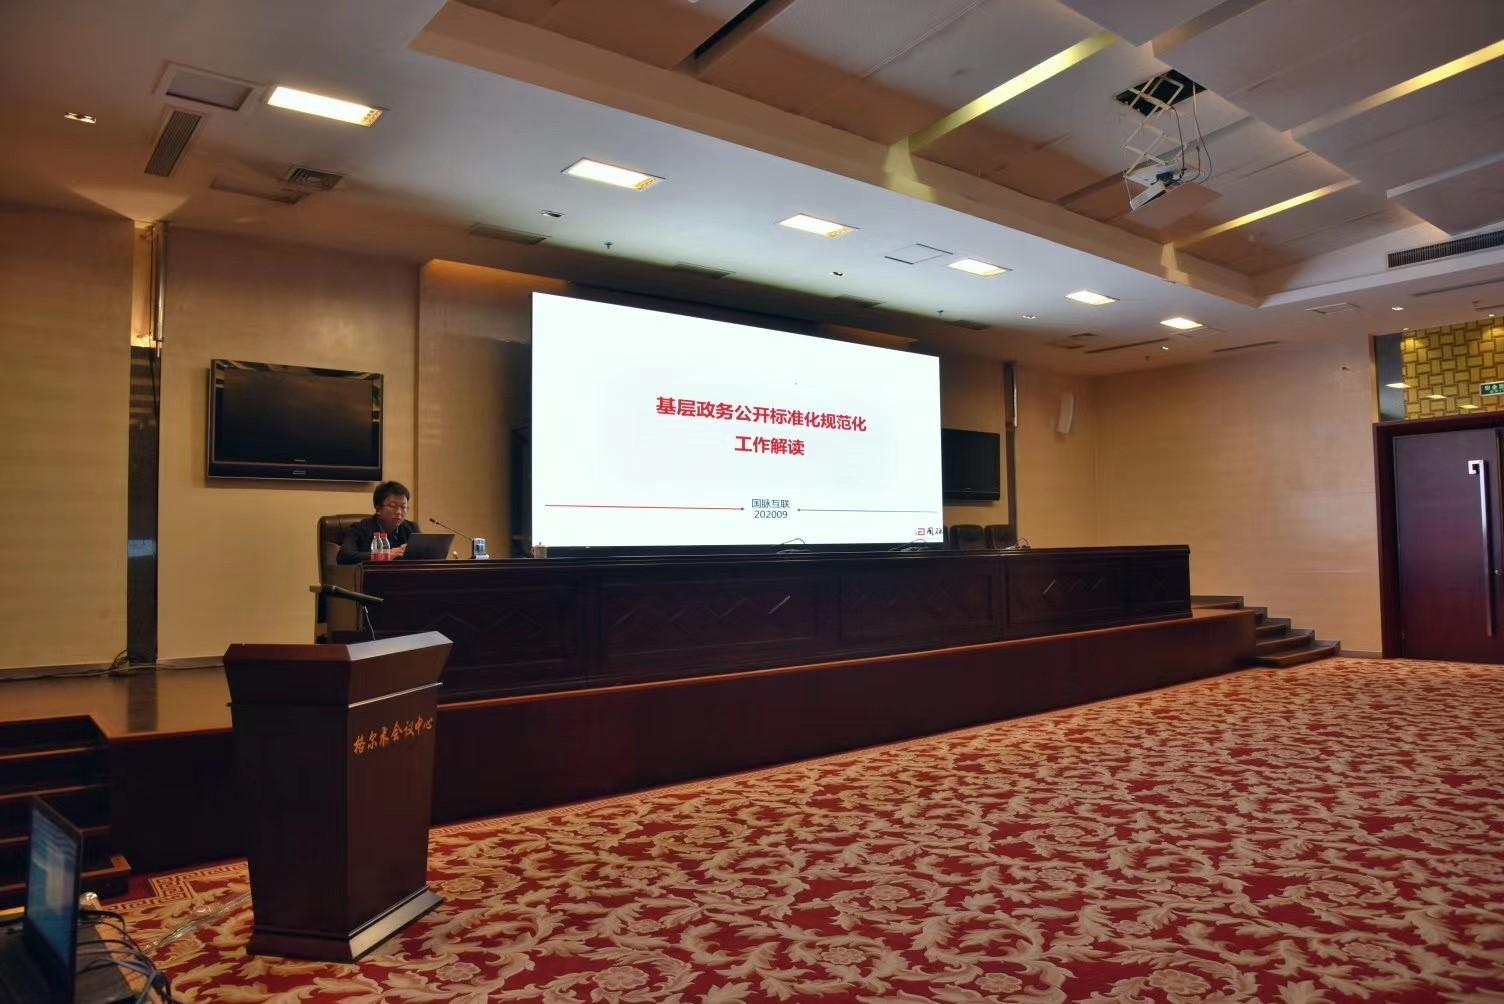 格尔木市基层政务公开标准化规范化专题平台建设项目